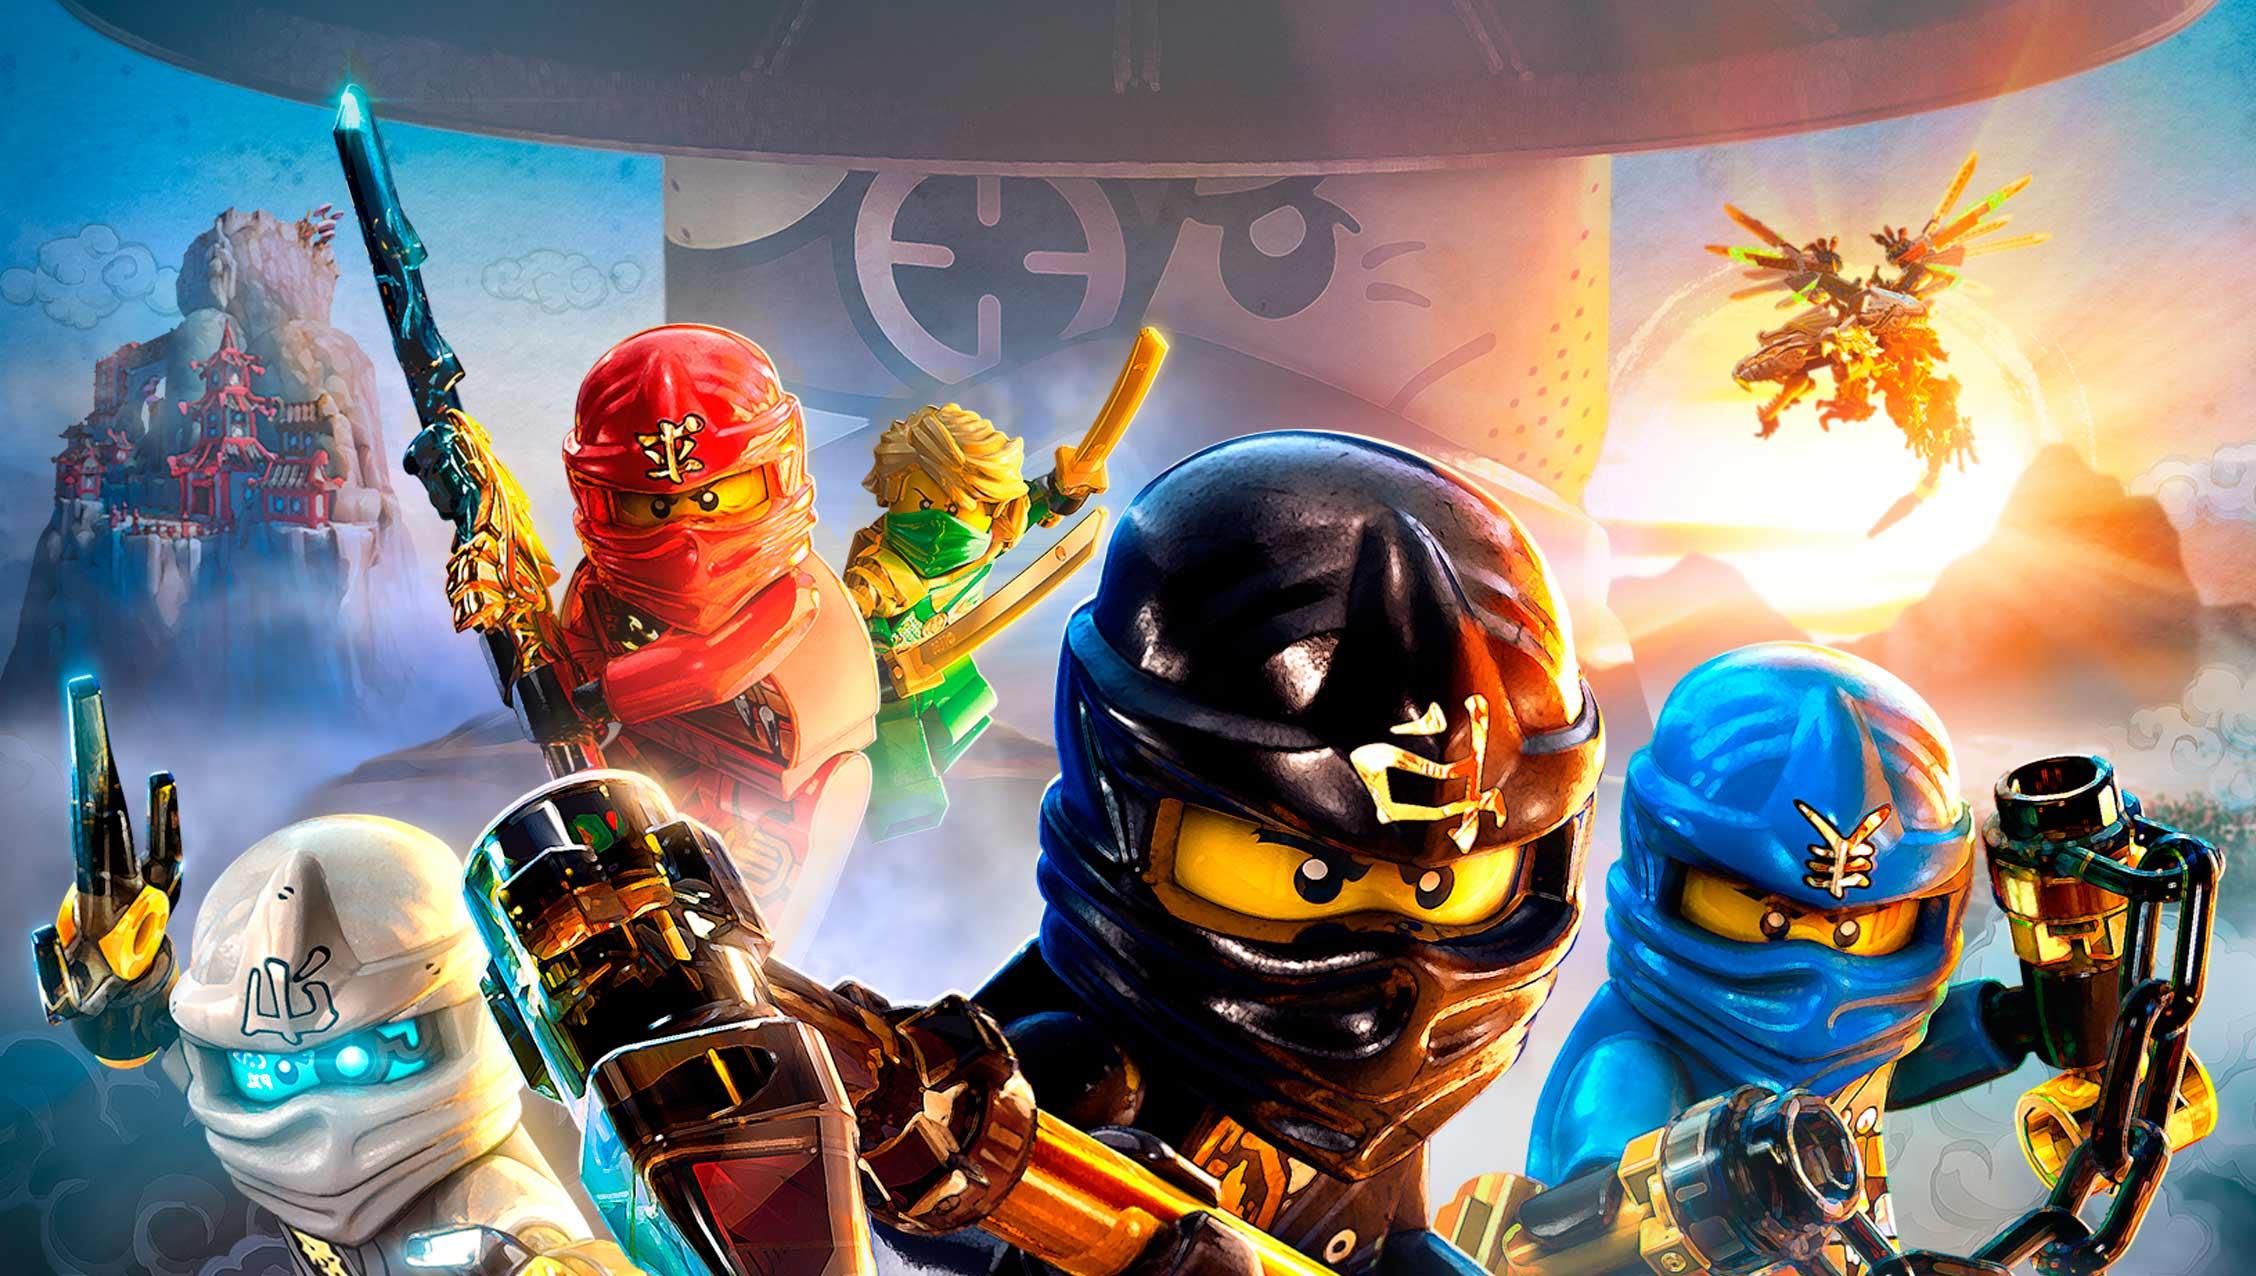 LEGO-Ninjago-Shadow-of-Ronin-Gaming-Cypher